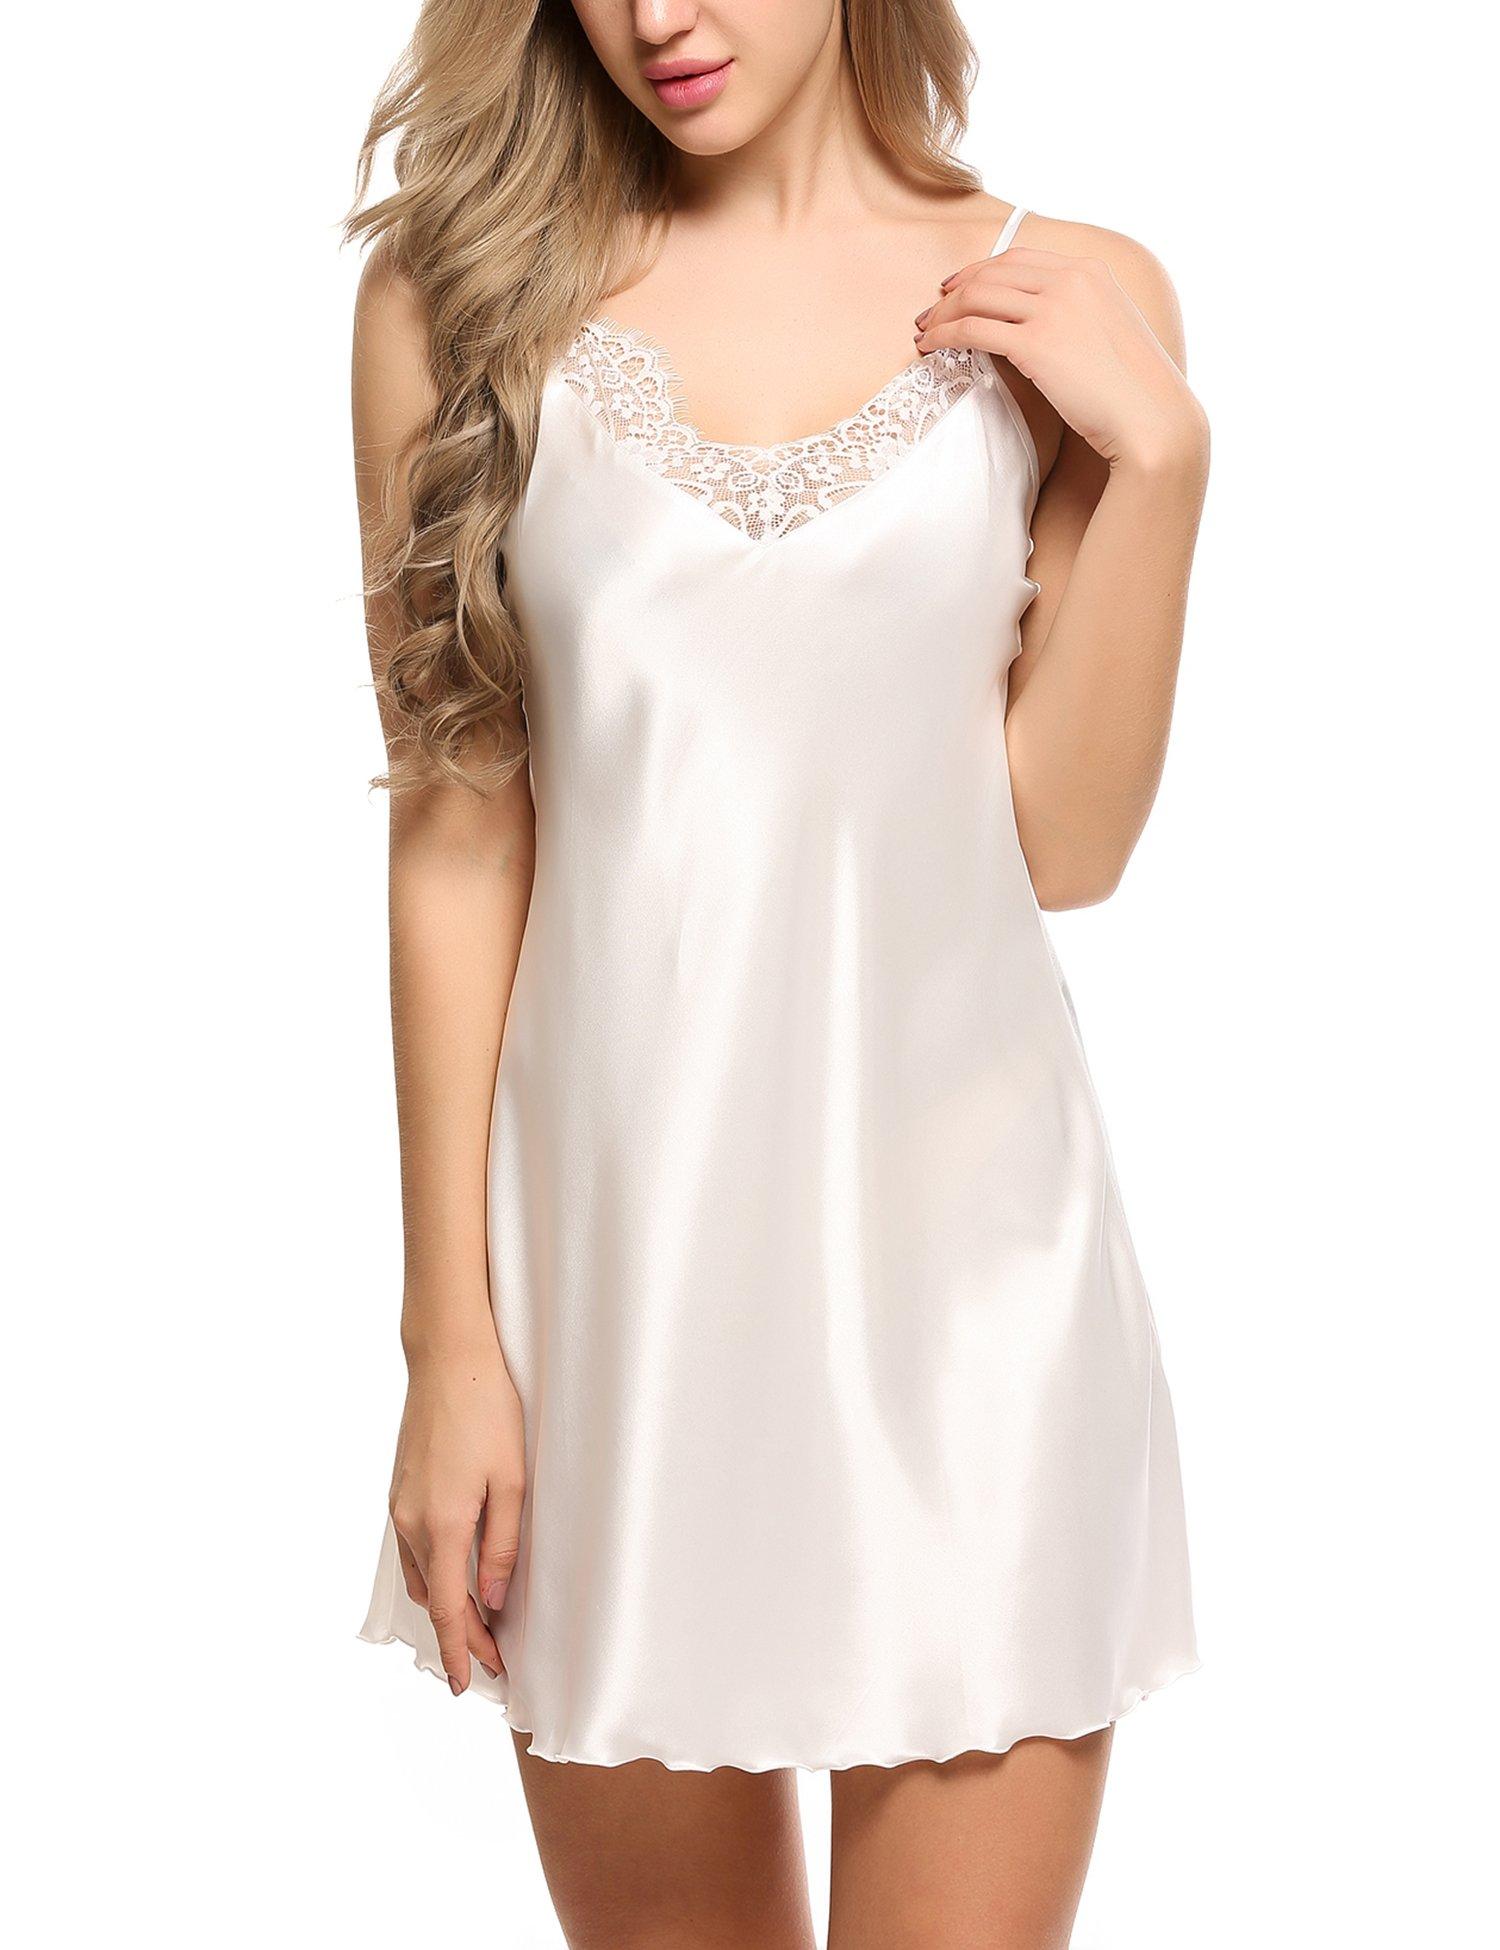 Ekouaer Sleepwear Lingerie Nightgown Loungewear